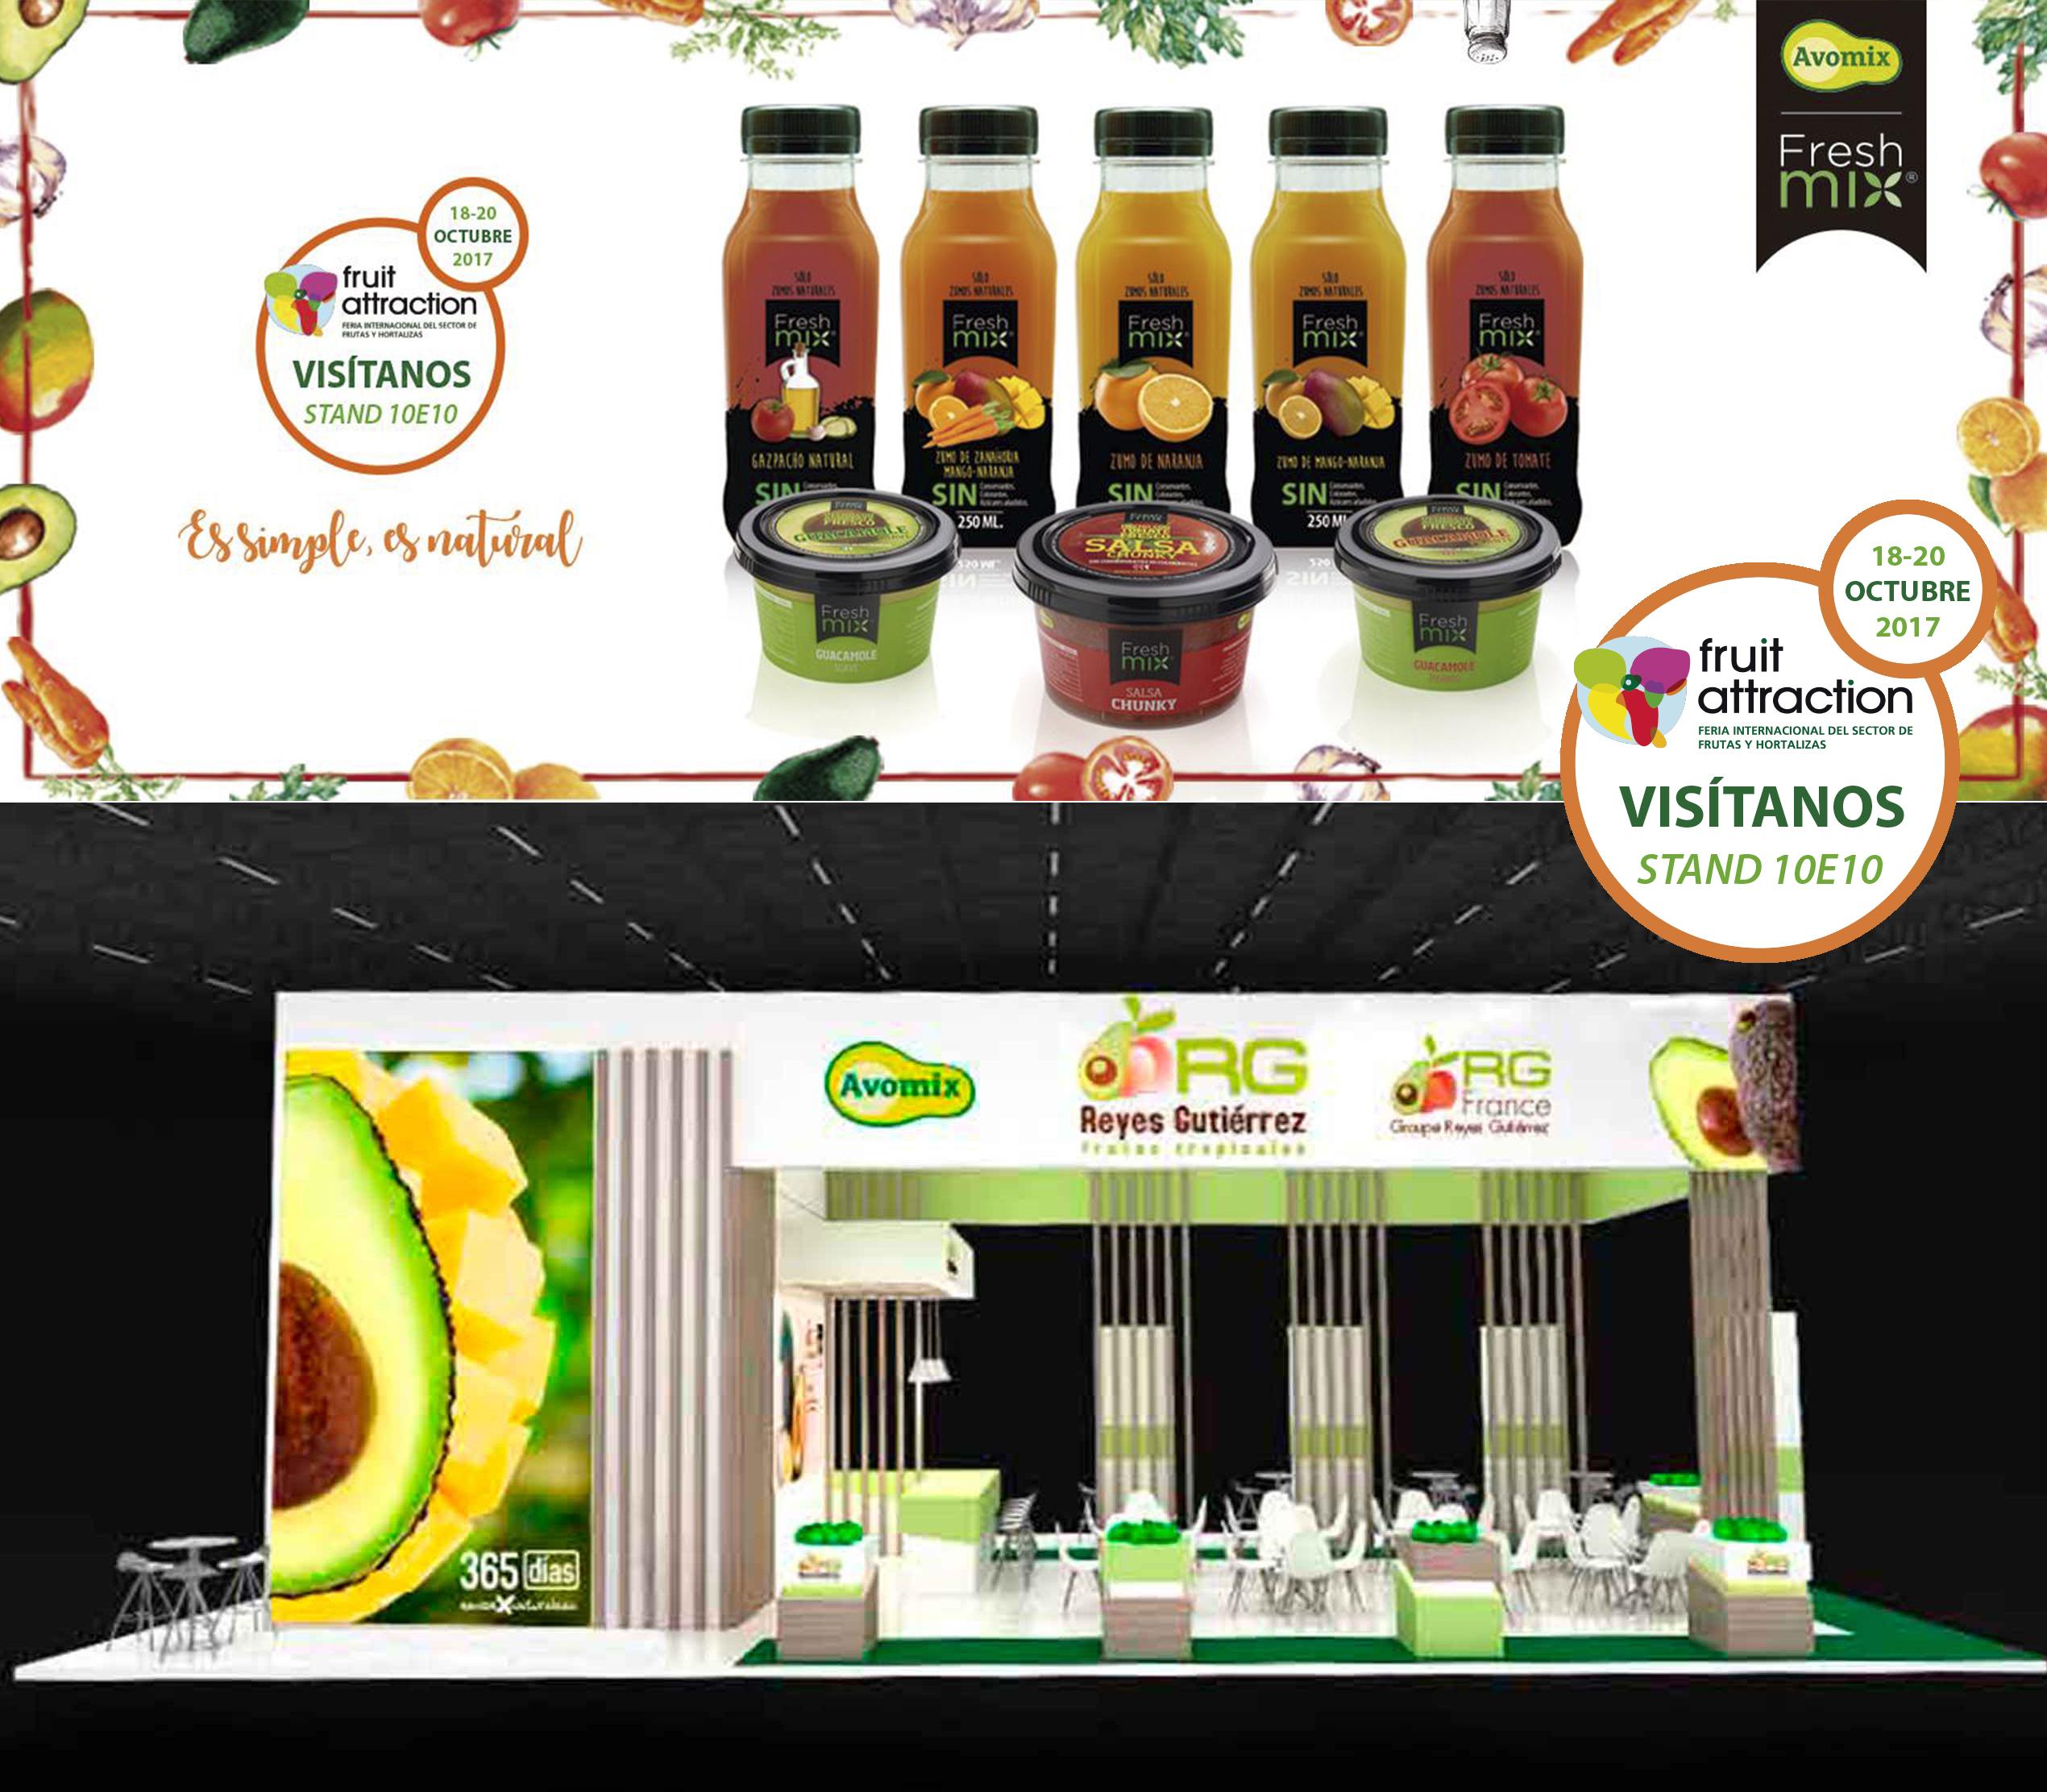 Avomix vuelve un año más a Fruit Attraction